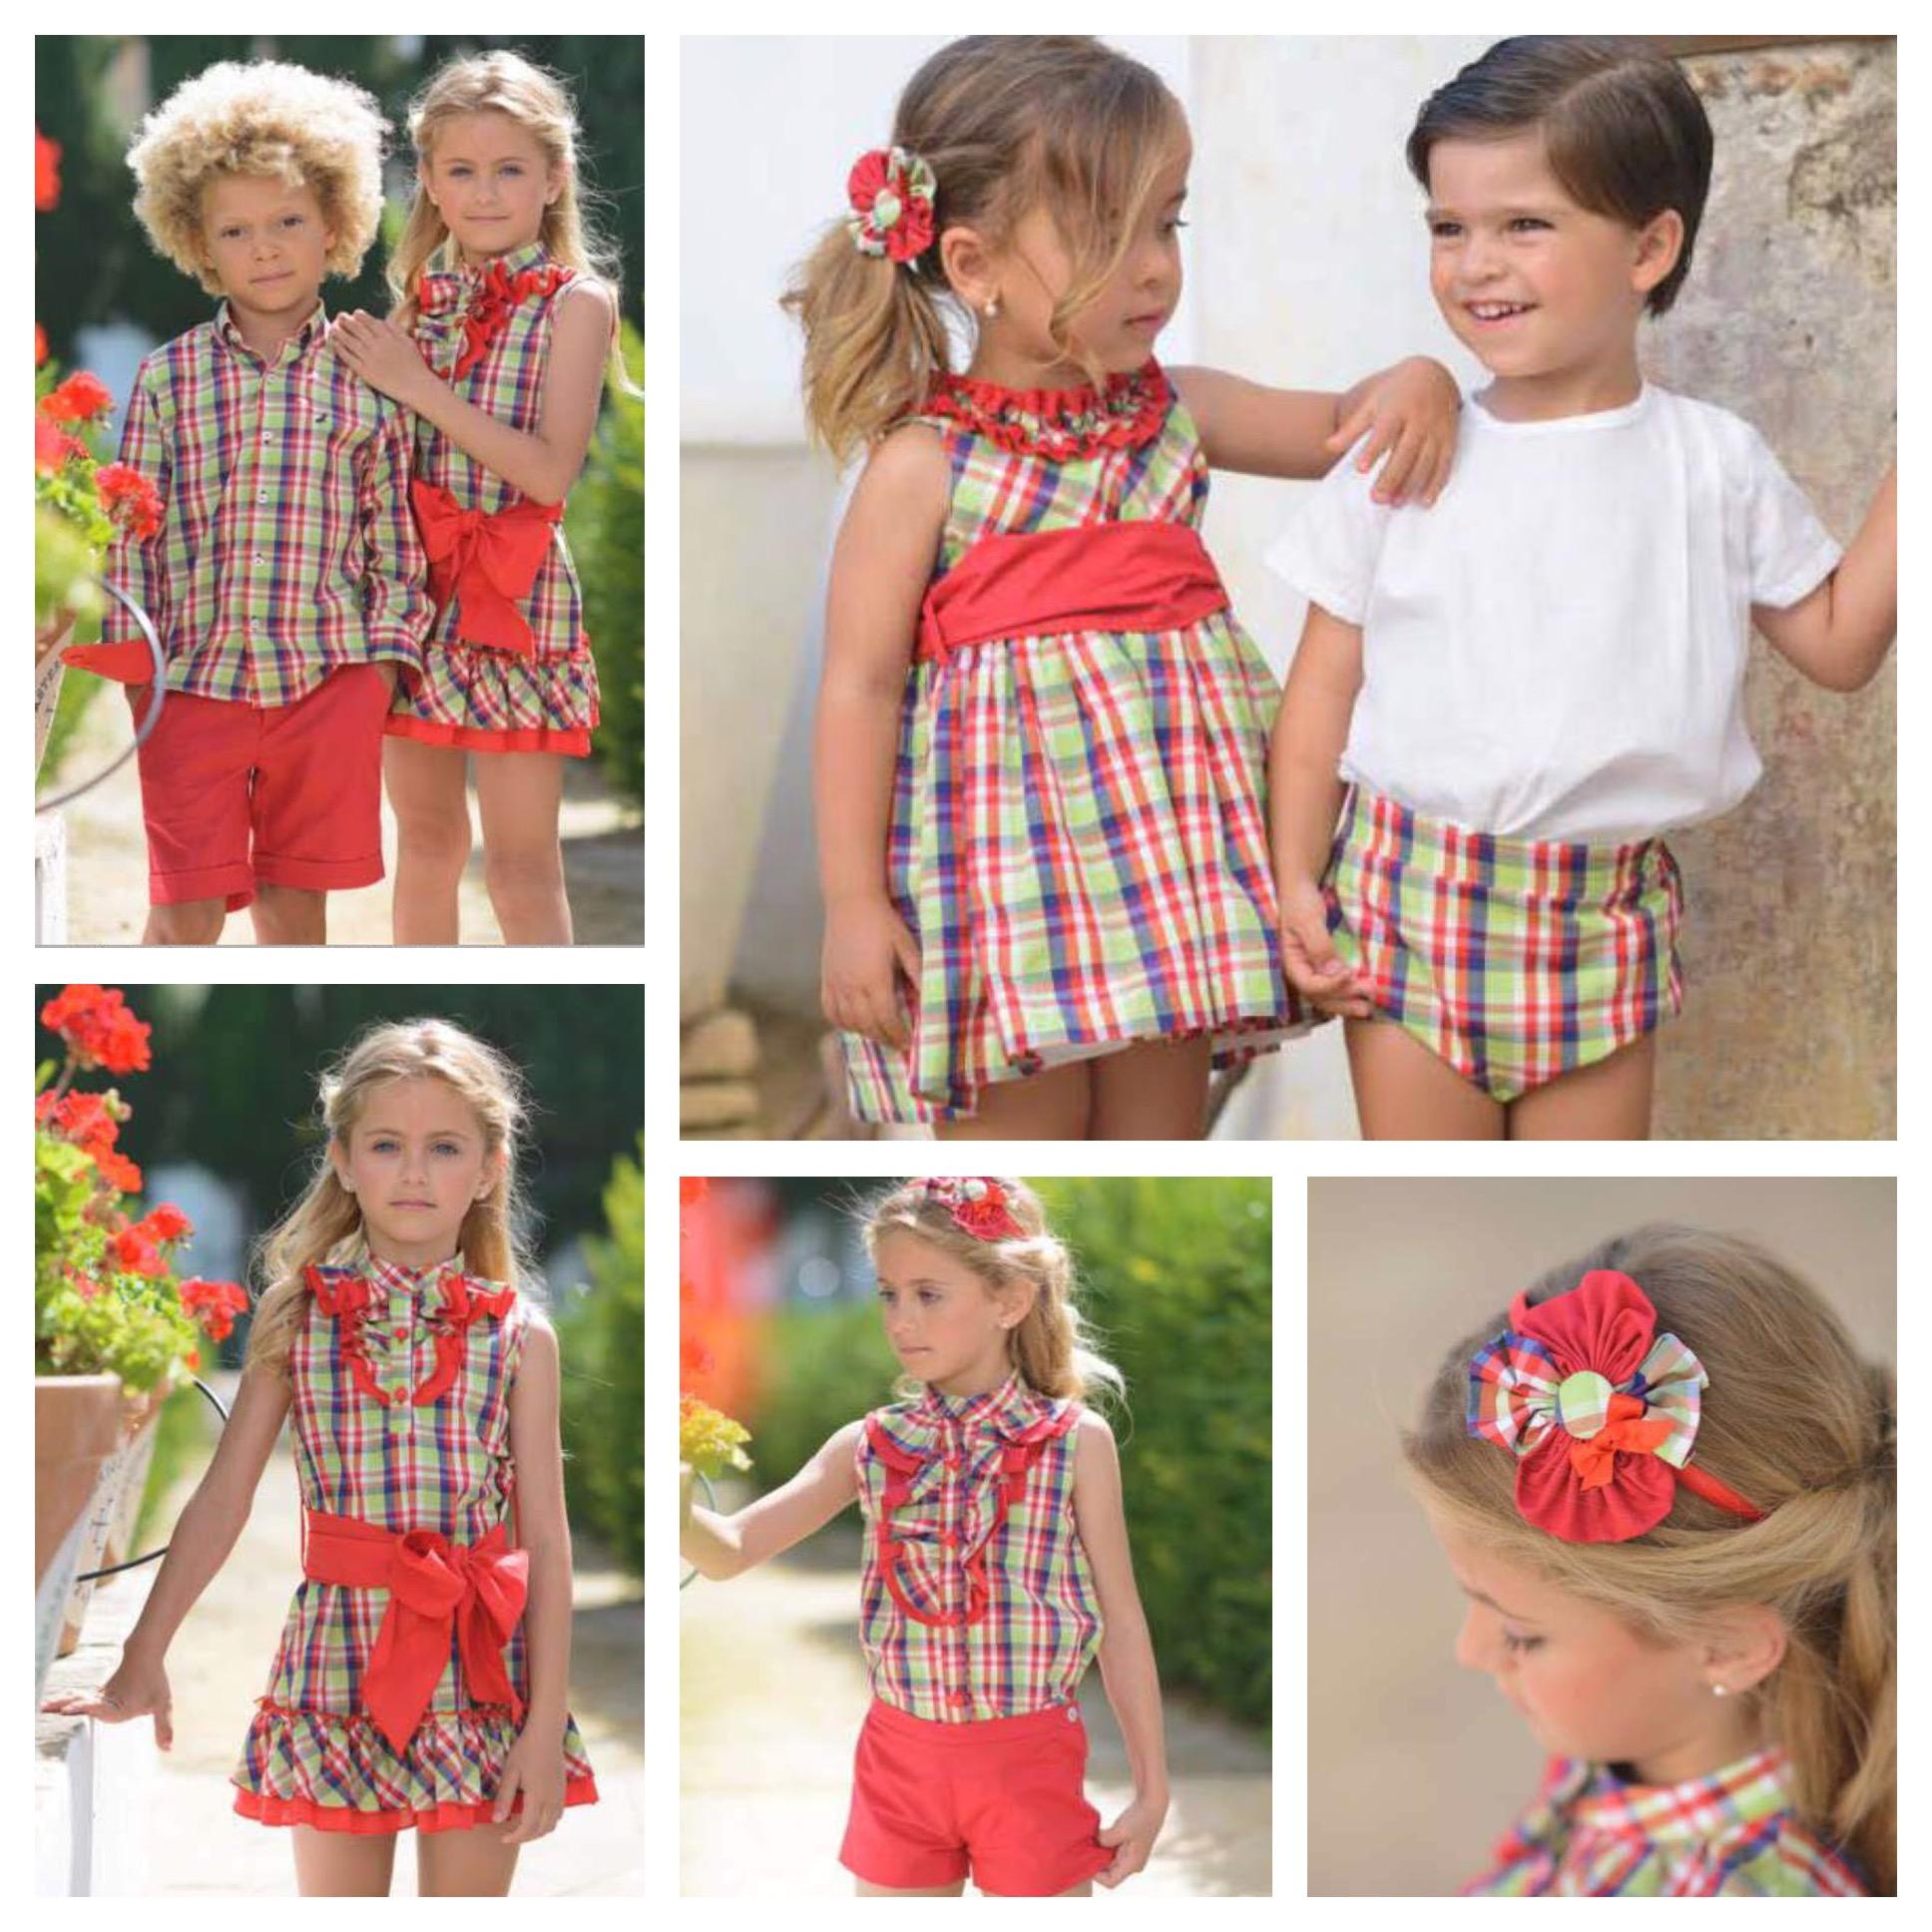 Moda primavera verano 2017 ni as for Jardin infantil verano 2016